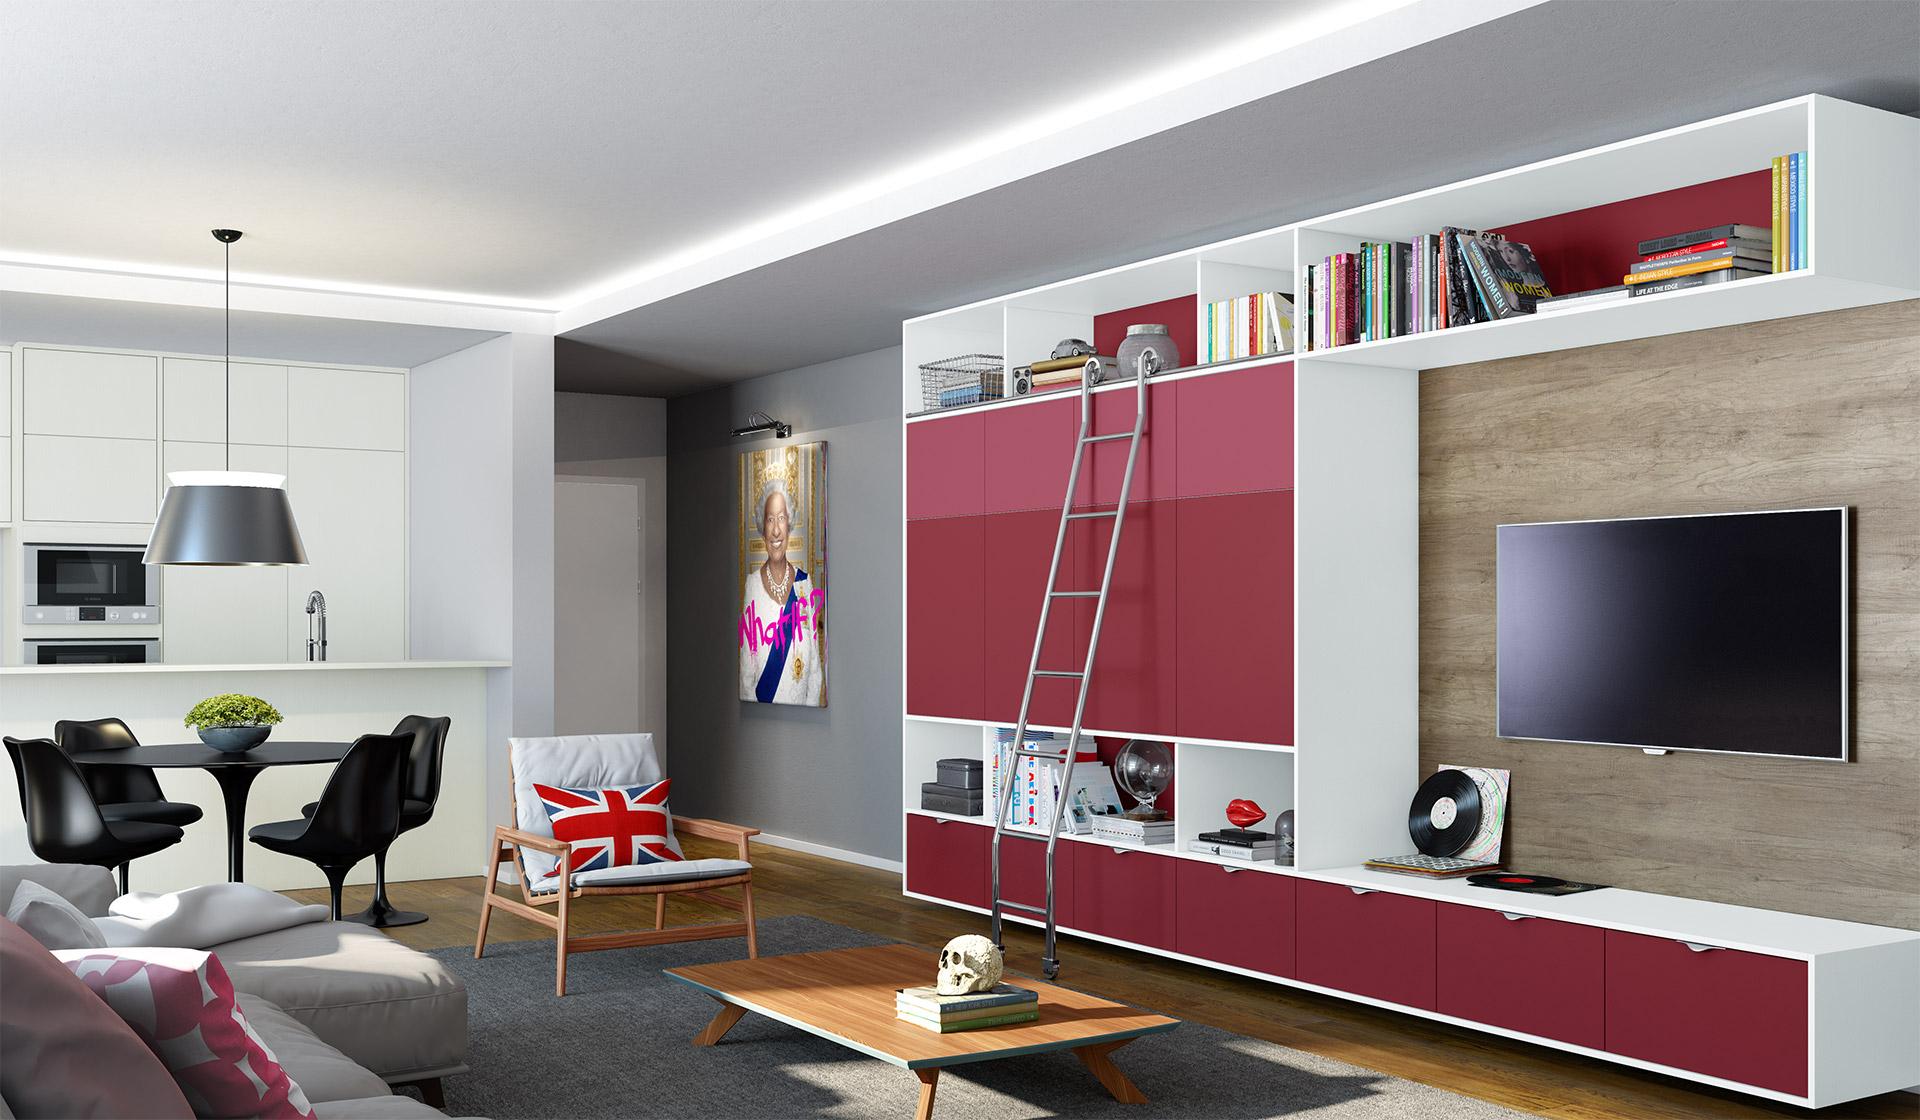 A escada facilita o acesso na parte superior do móvel e ainda decora a estante